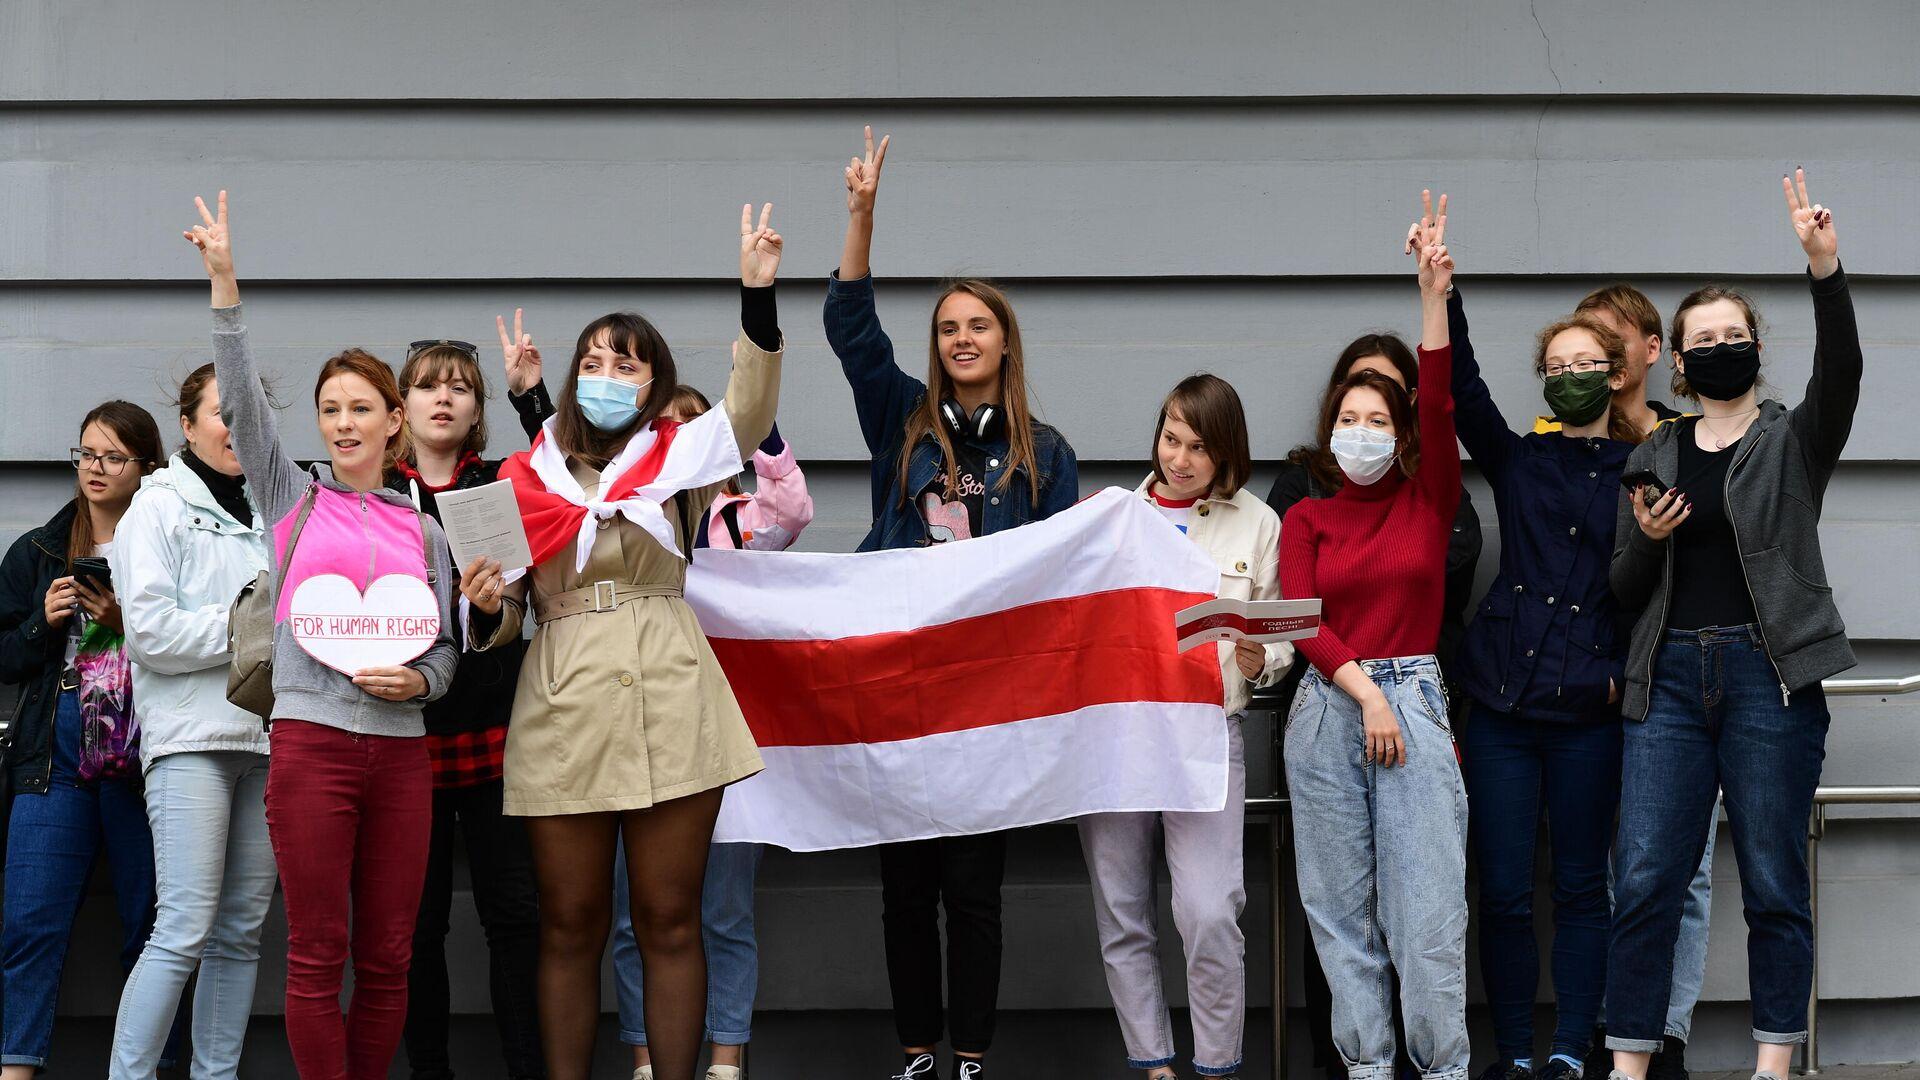 Студенты Минского государственного лингвистического университета принимают участие в акции протеста - РИА Новости, 1920, 31.10.2020